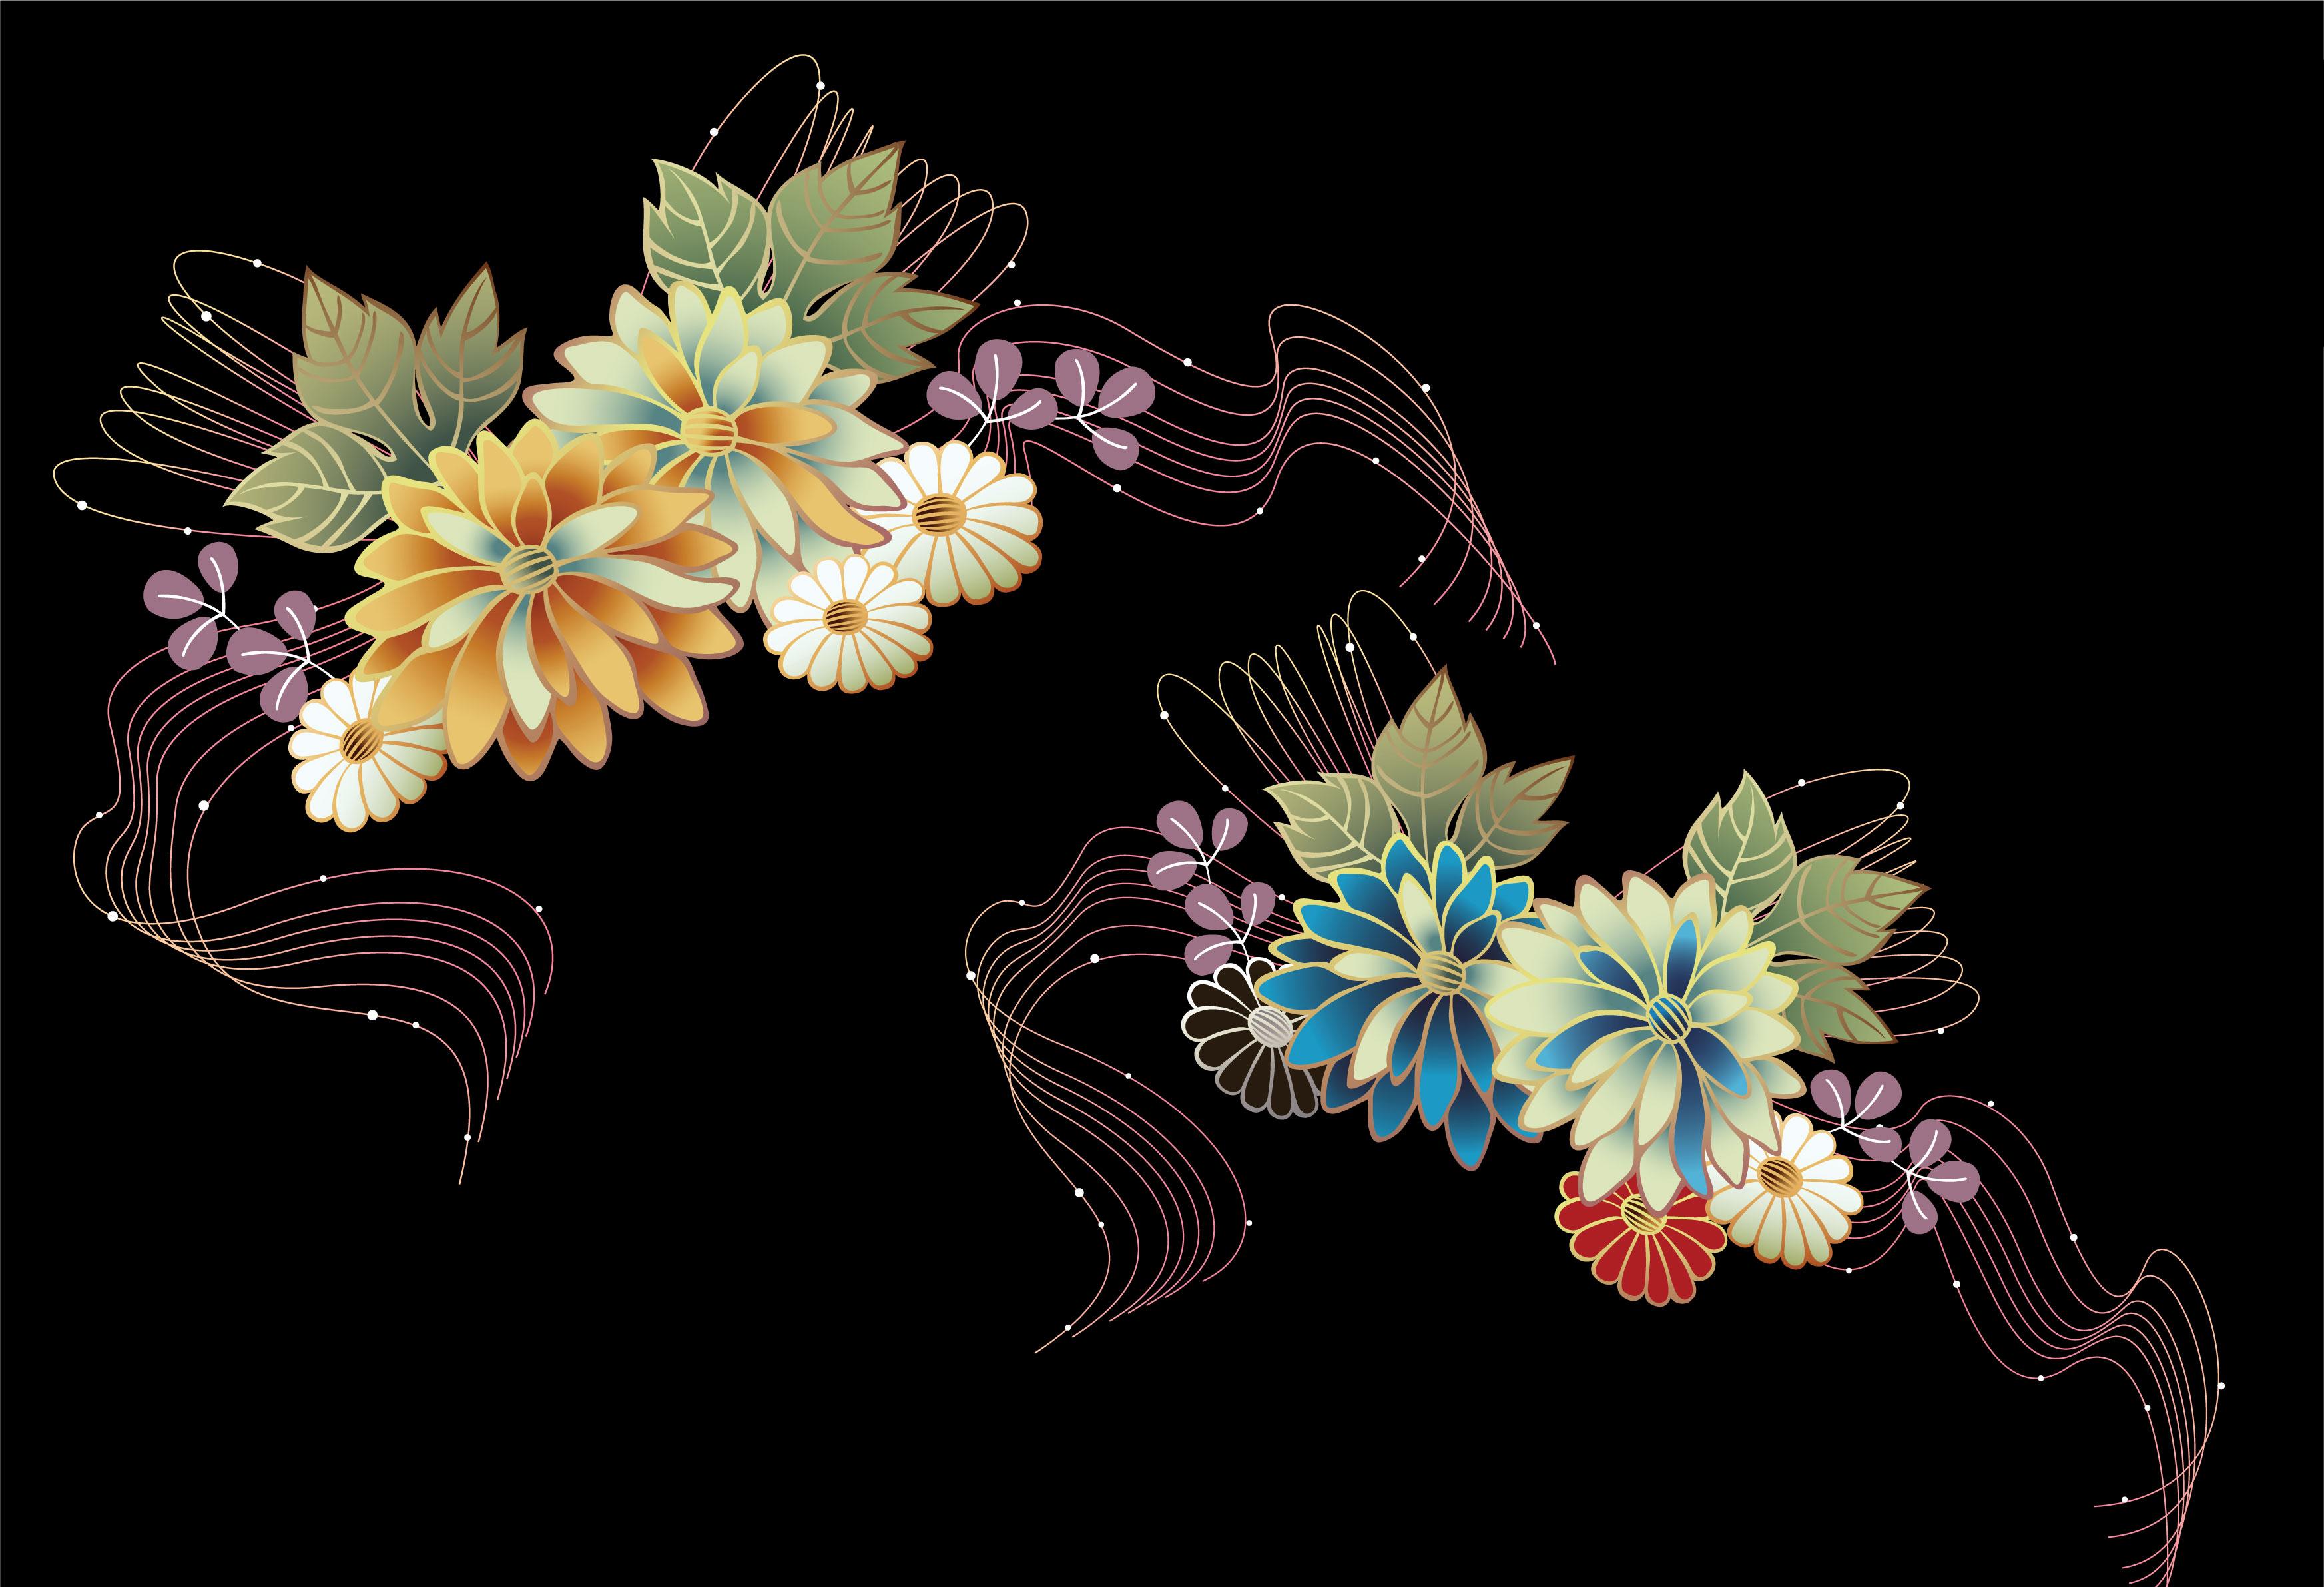 花のイラスト フリー素材 壁紙 背景no 273 カラフル 波線 黒背景